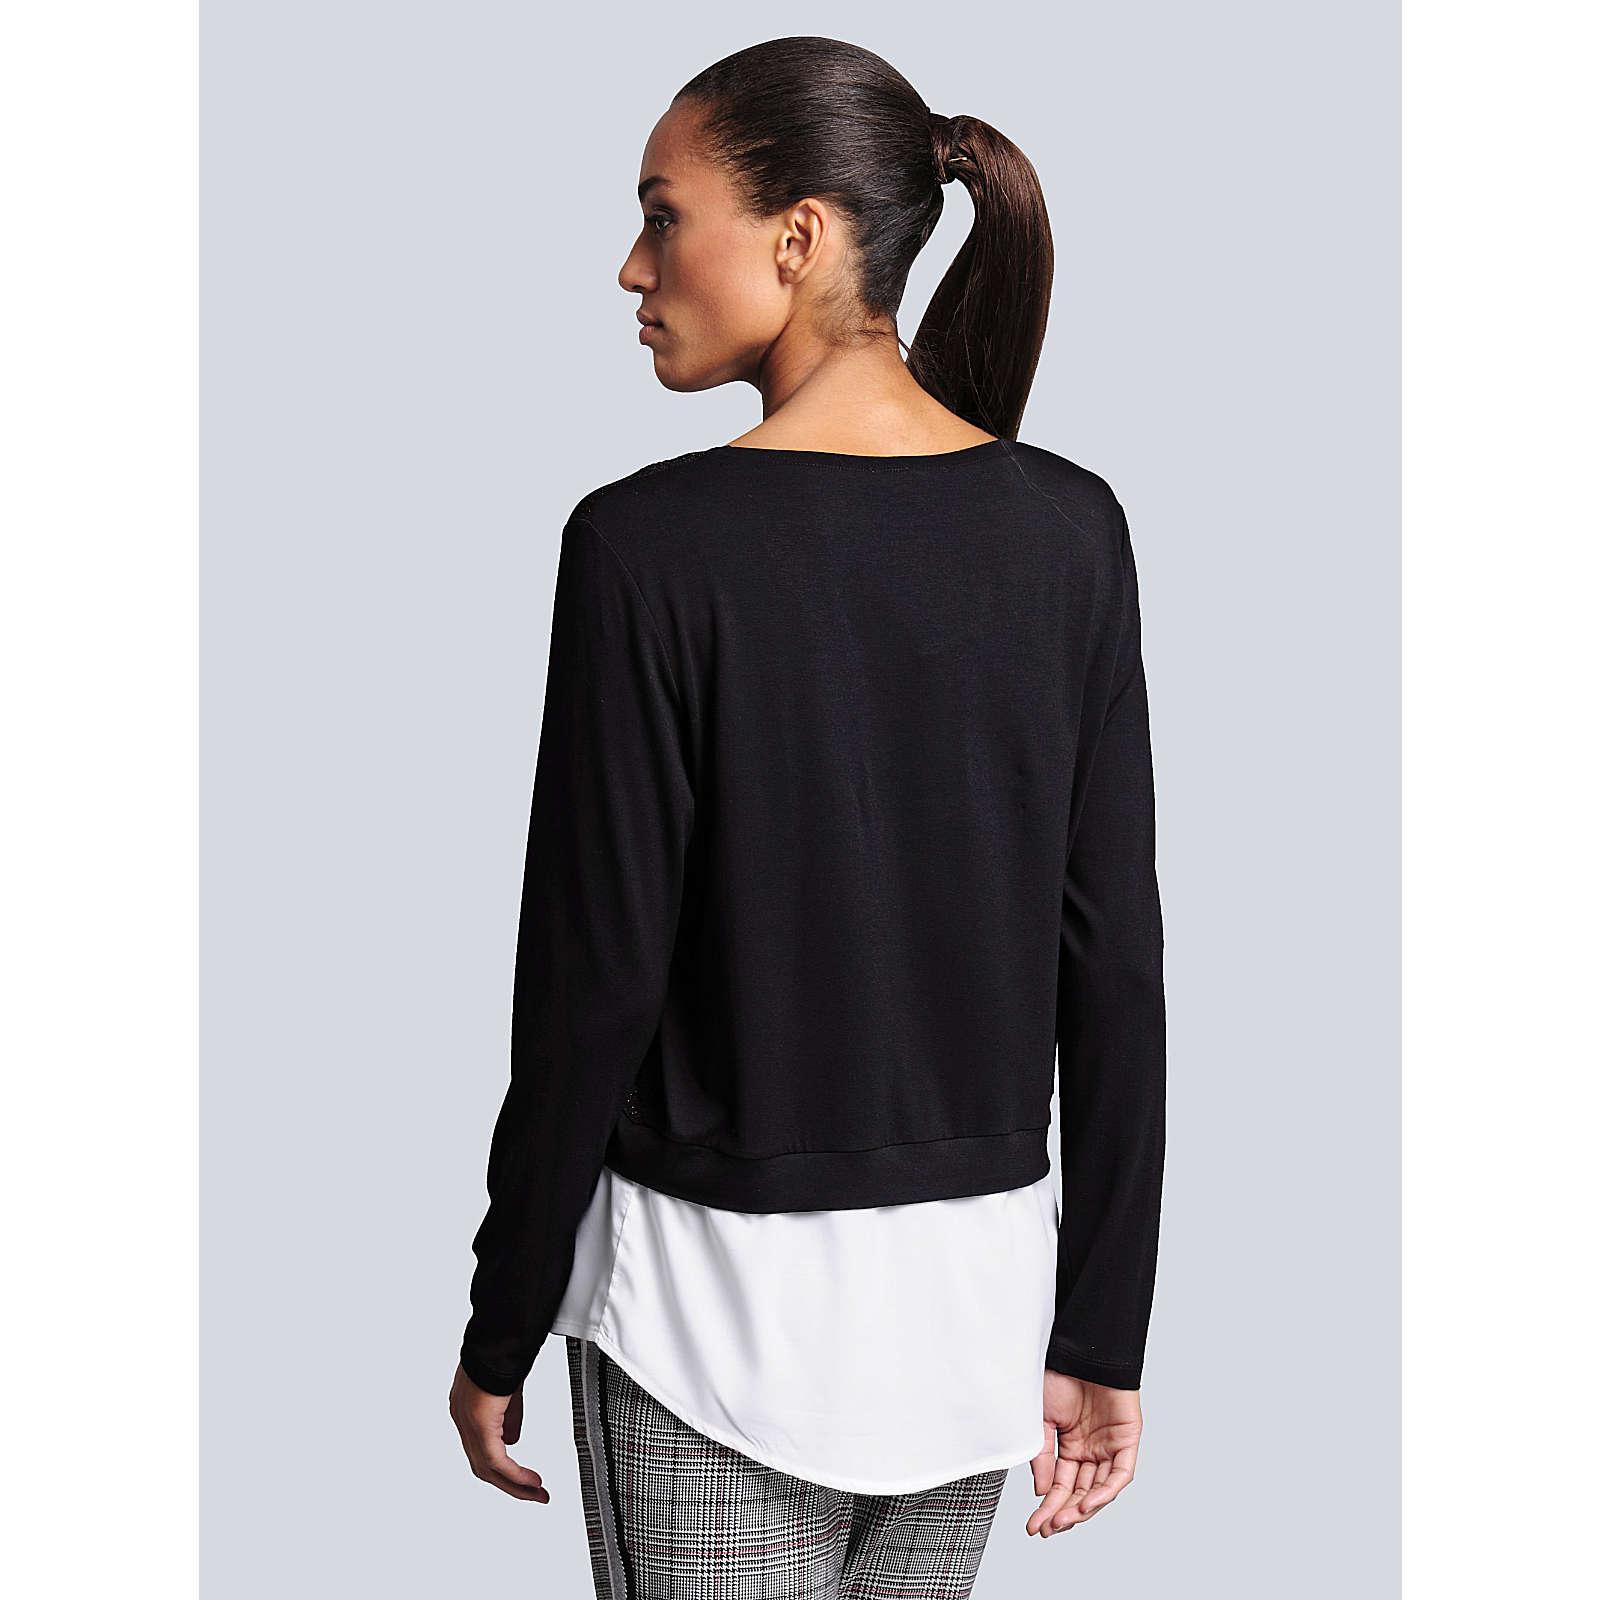 Alba Moda Sweatshirt schwarz Damen Gr. 46